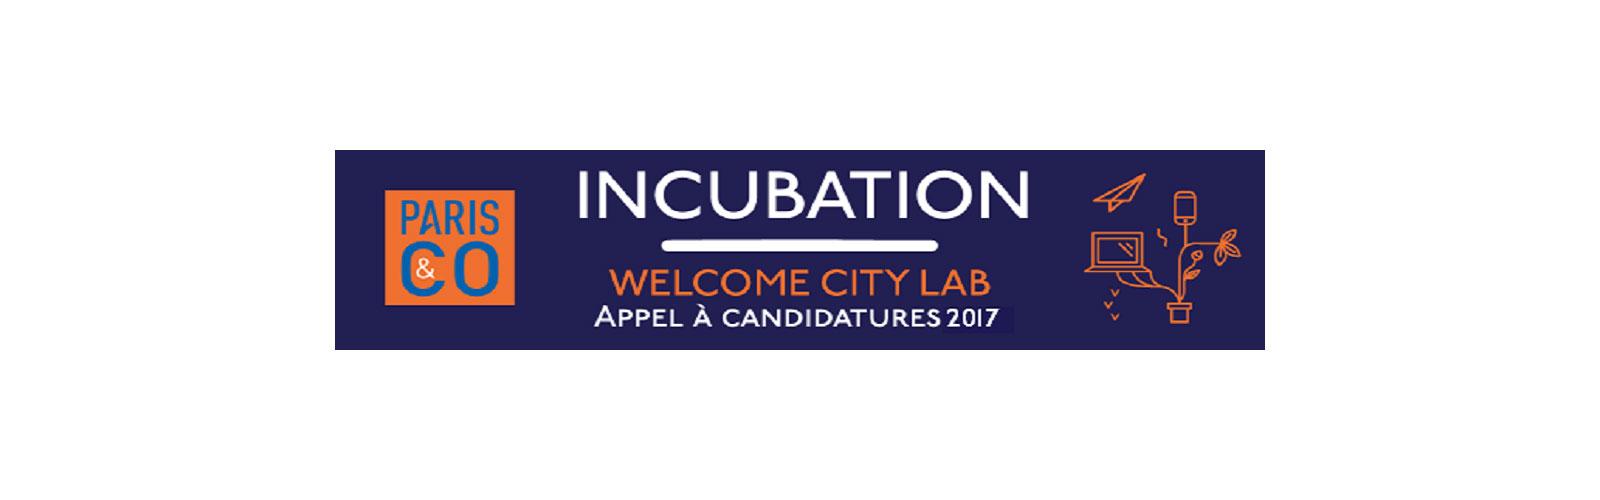 appel candidatures promotion 2017 du welcome city lab mgb. Black Bedroom Furniture Sets. Home Design Ideas